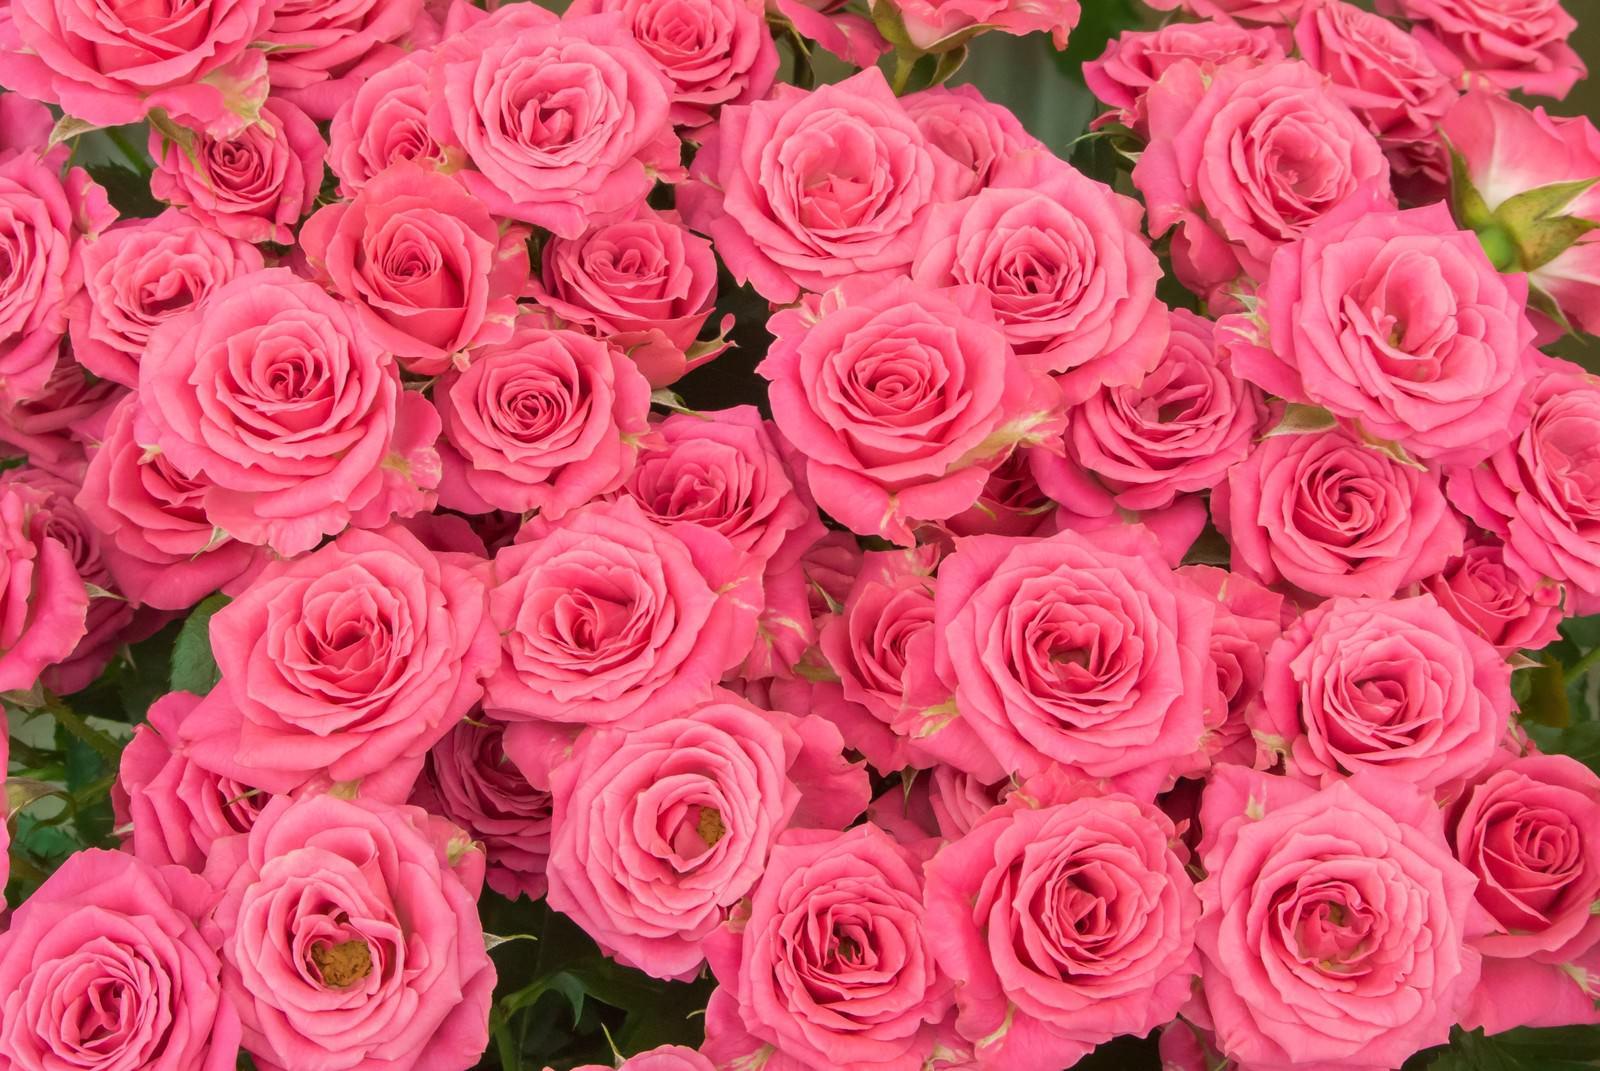 ピンクの薔薇のテクスチャ|ぱく...